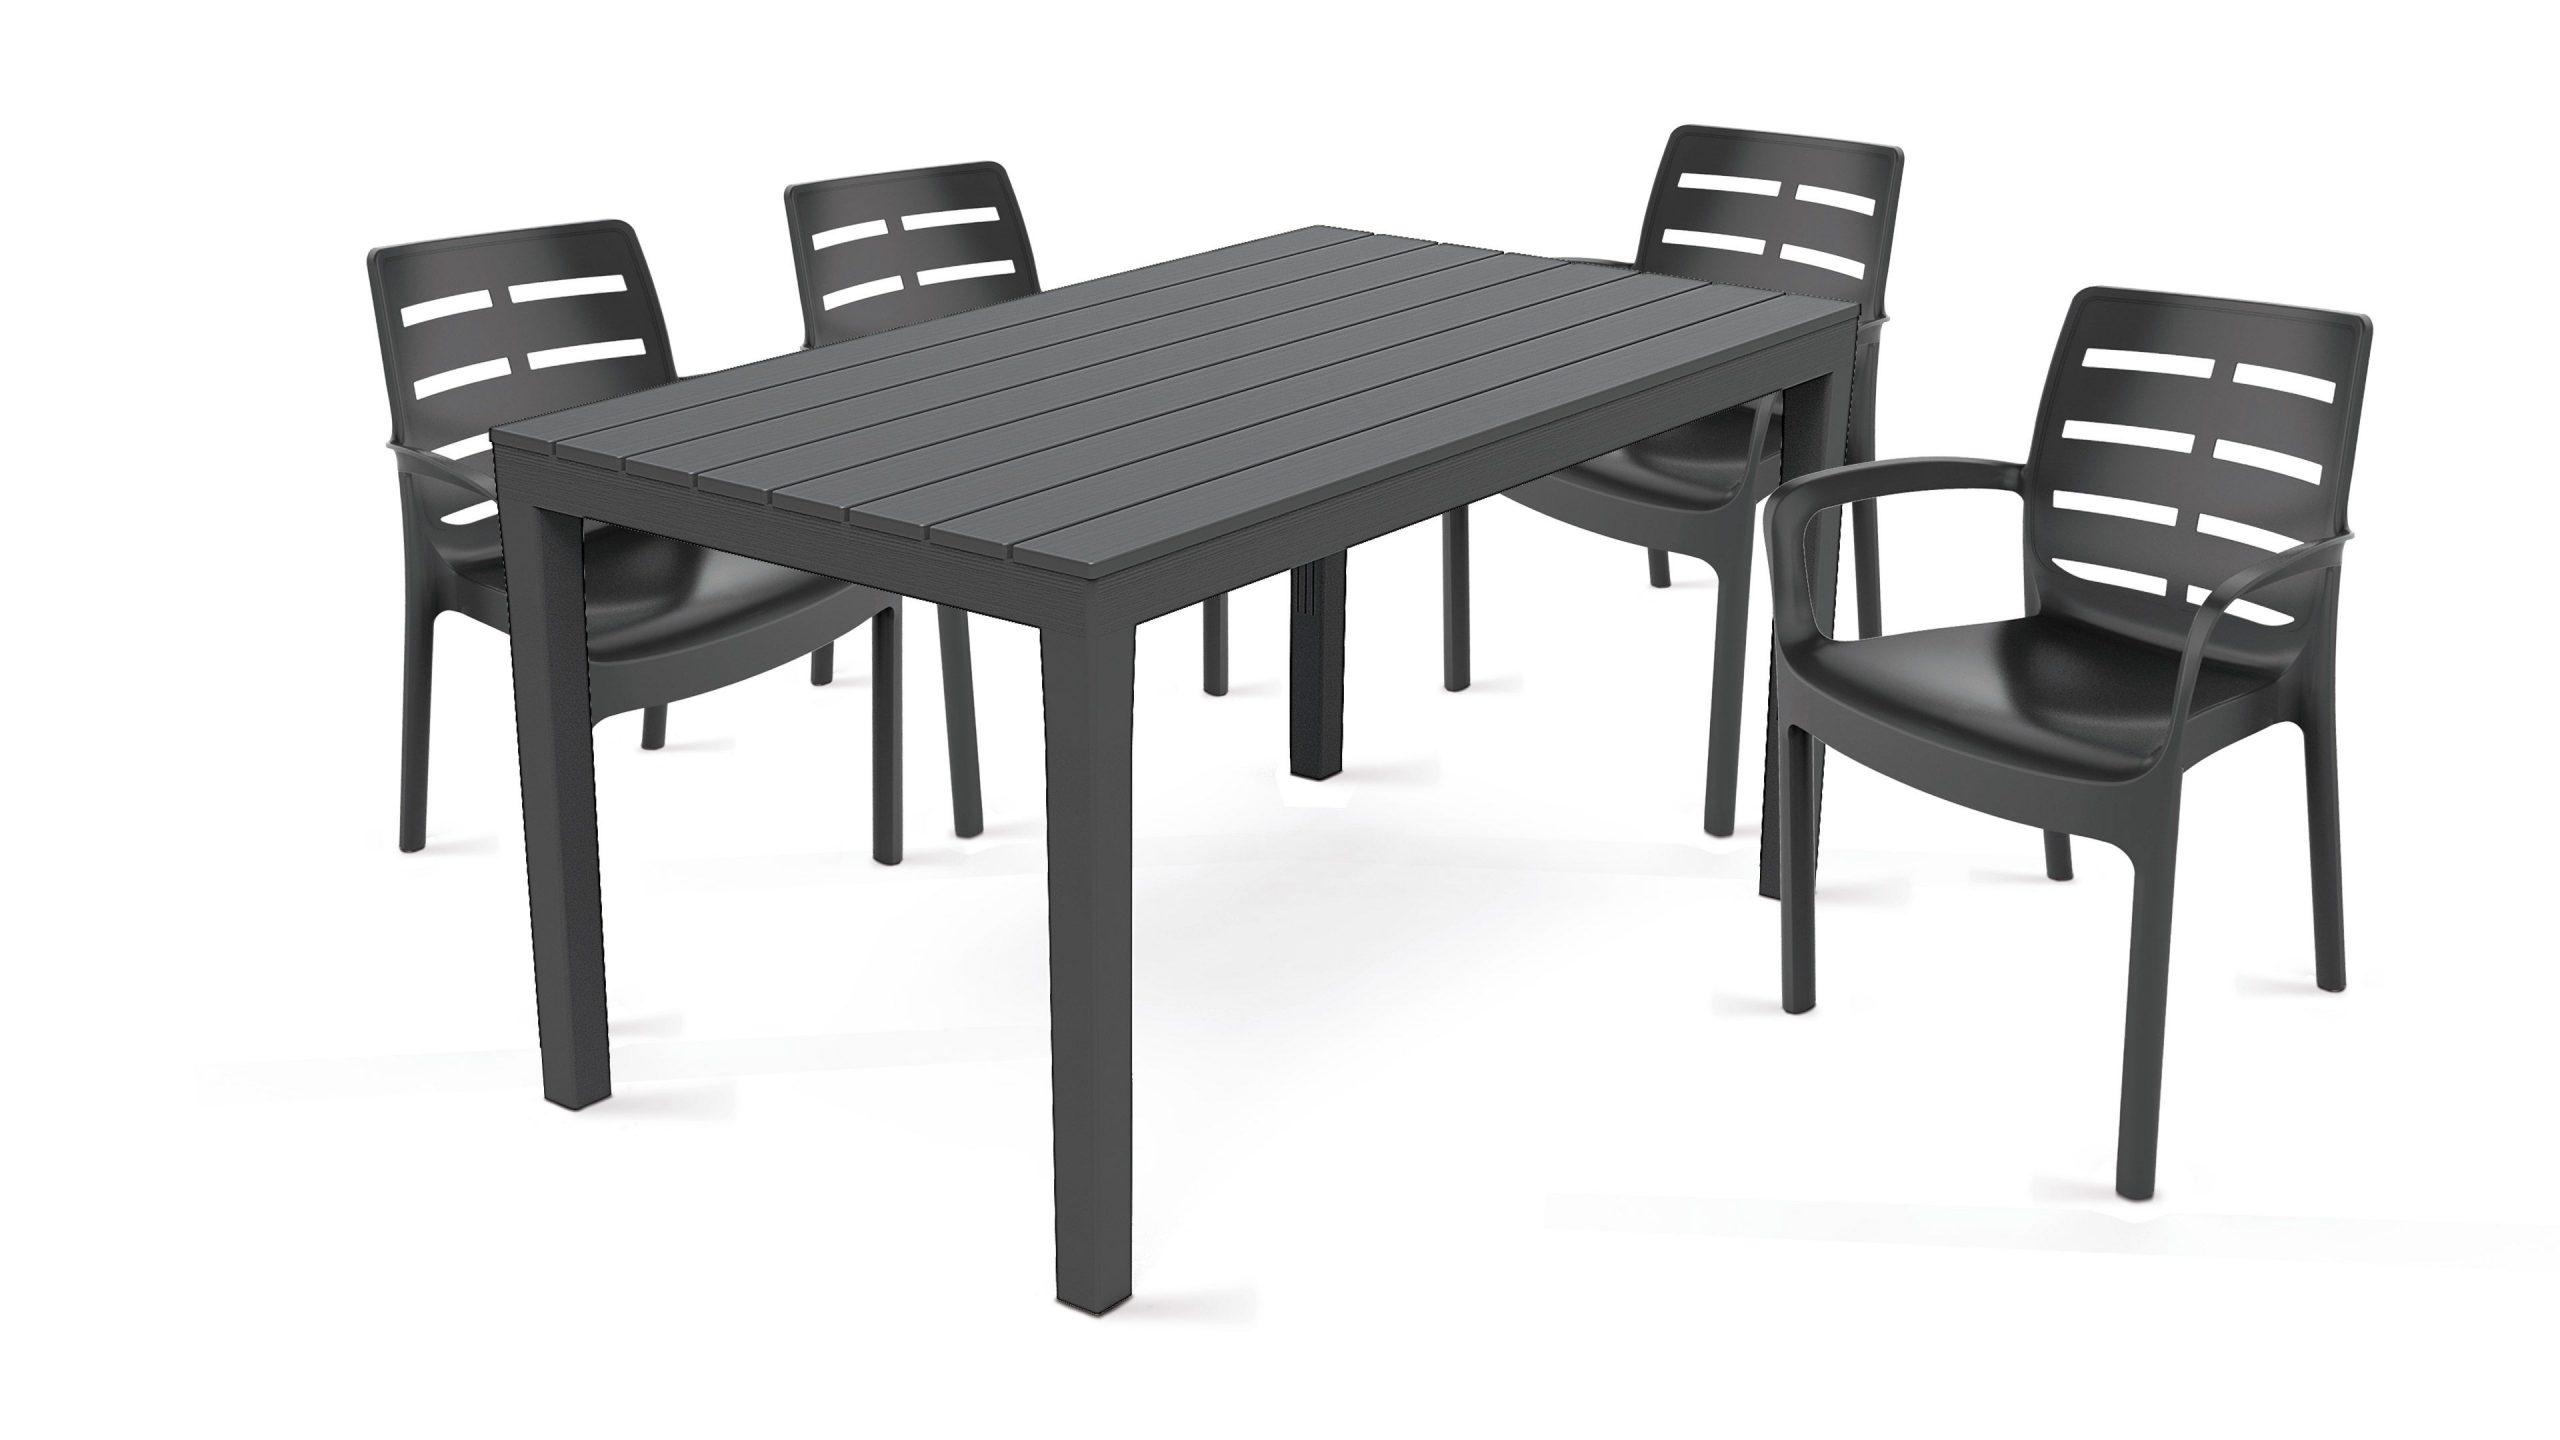 Salon De Jardin 4 Places En Plastique avec Table Et Chaise De Jardin Pas Cher En Plastique